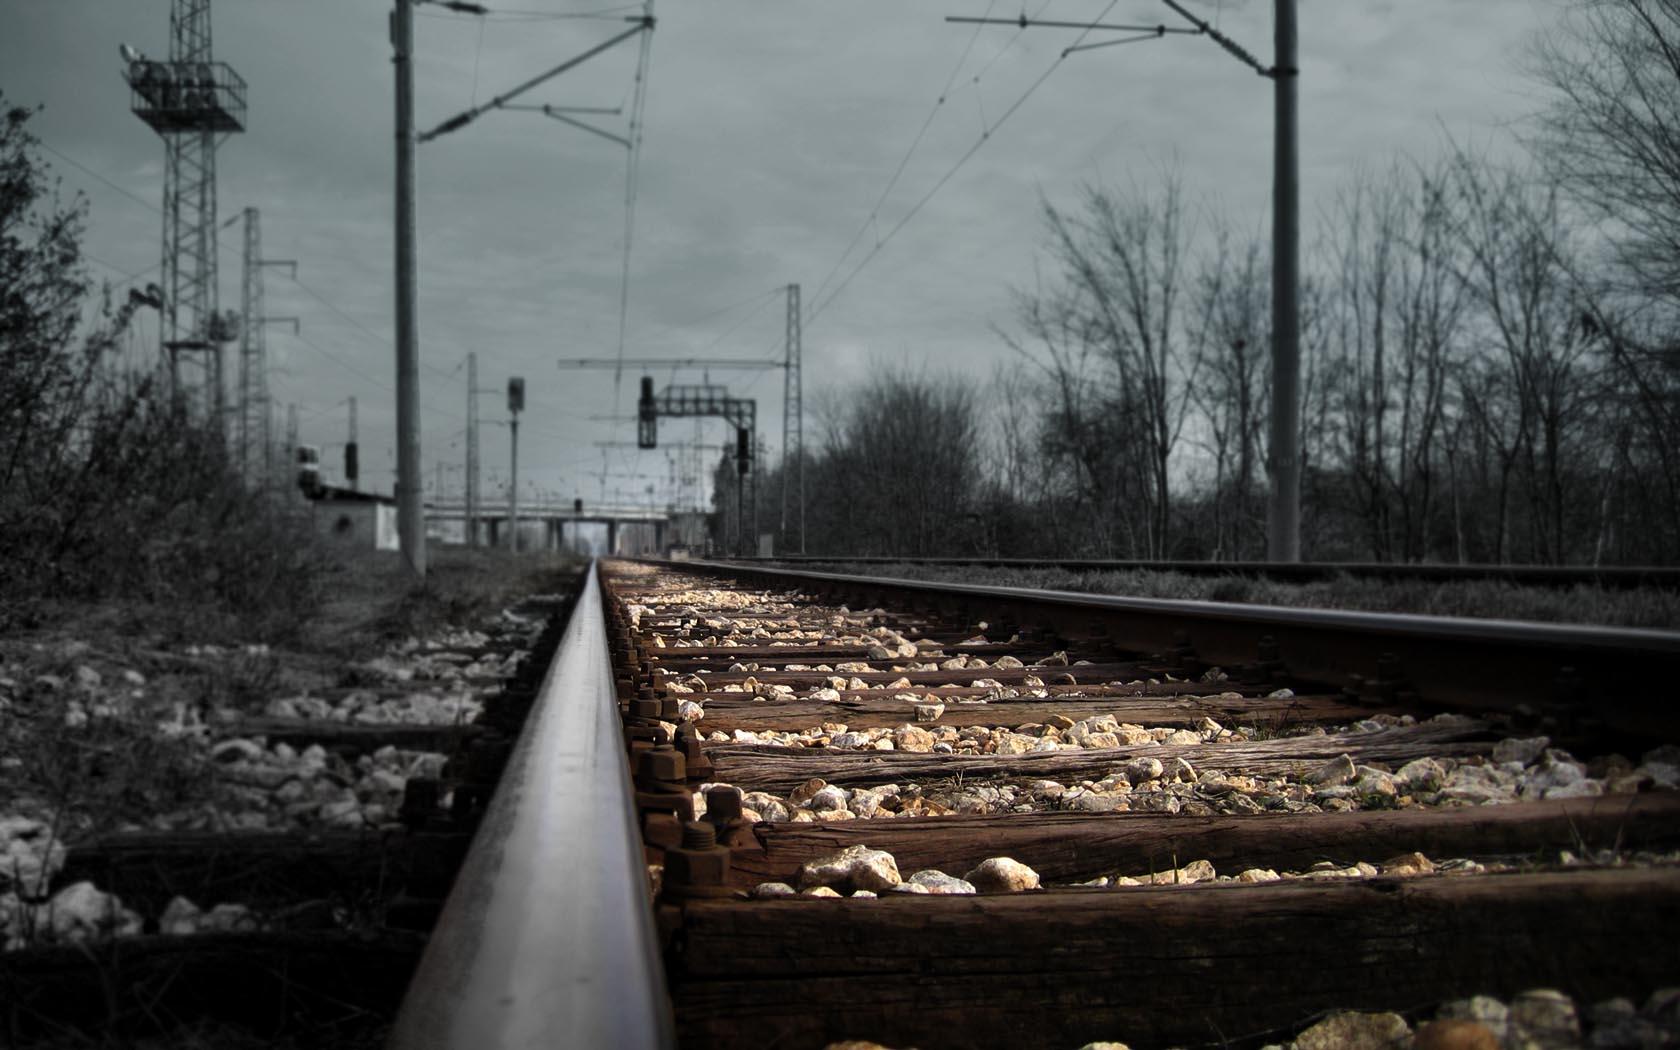 Fondos Vías de ferrocarril (Railroad Tracks) ADNFriki (6)